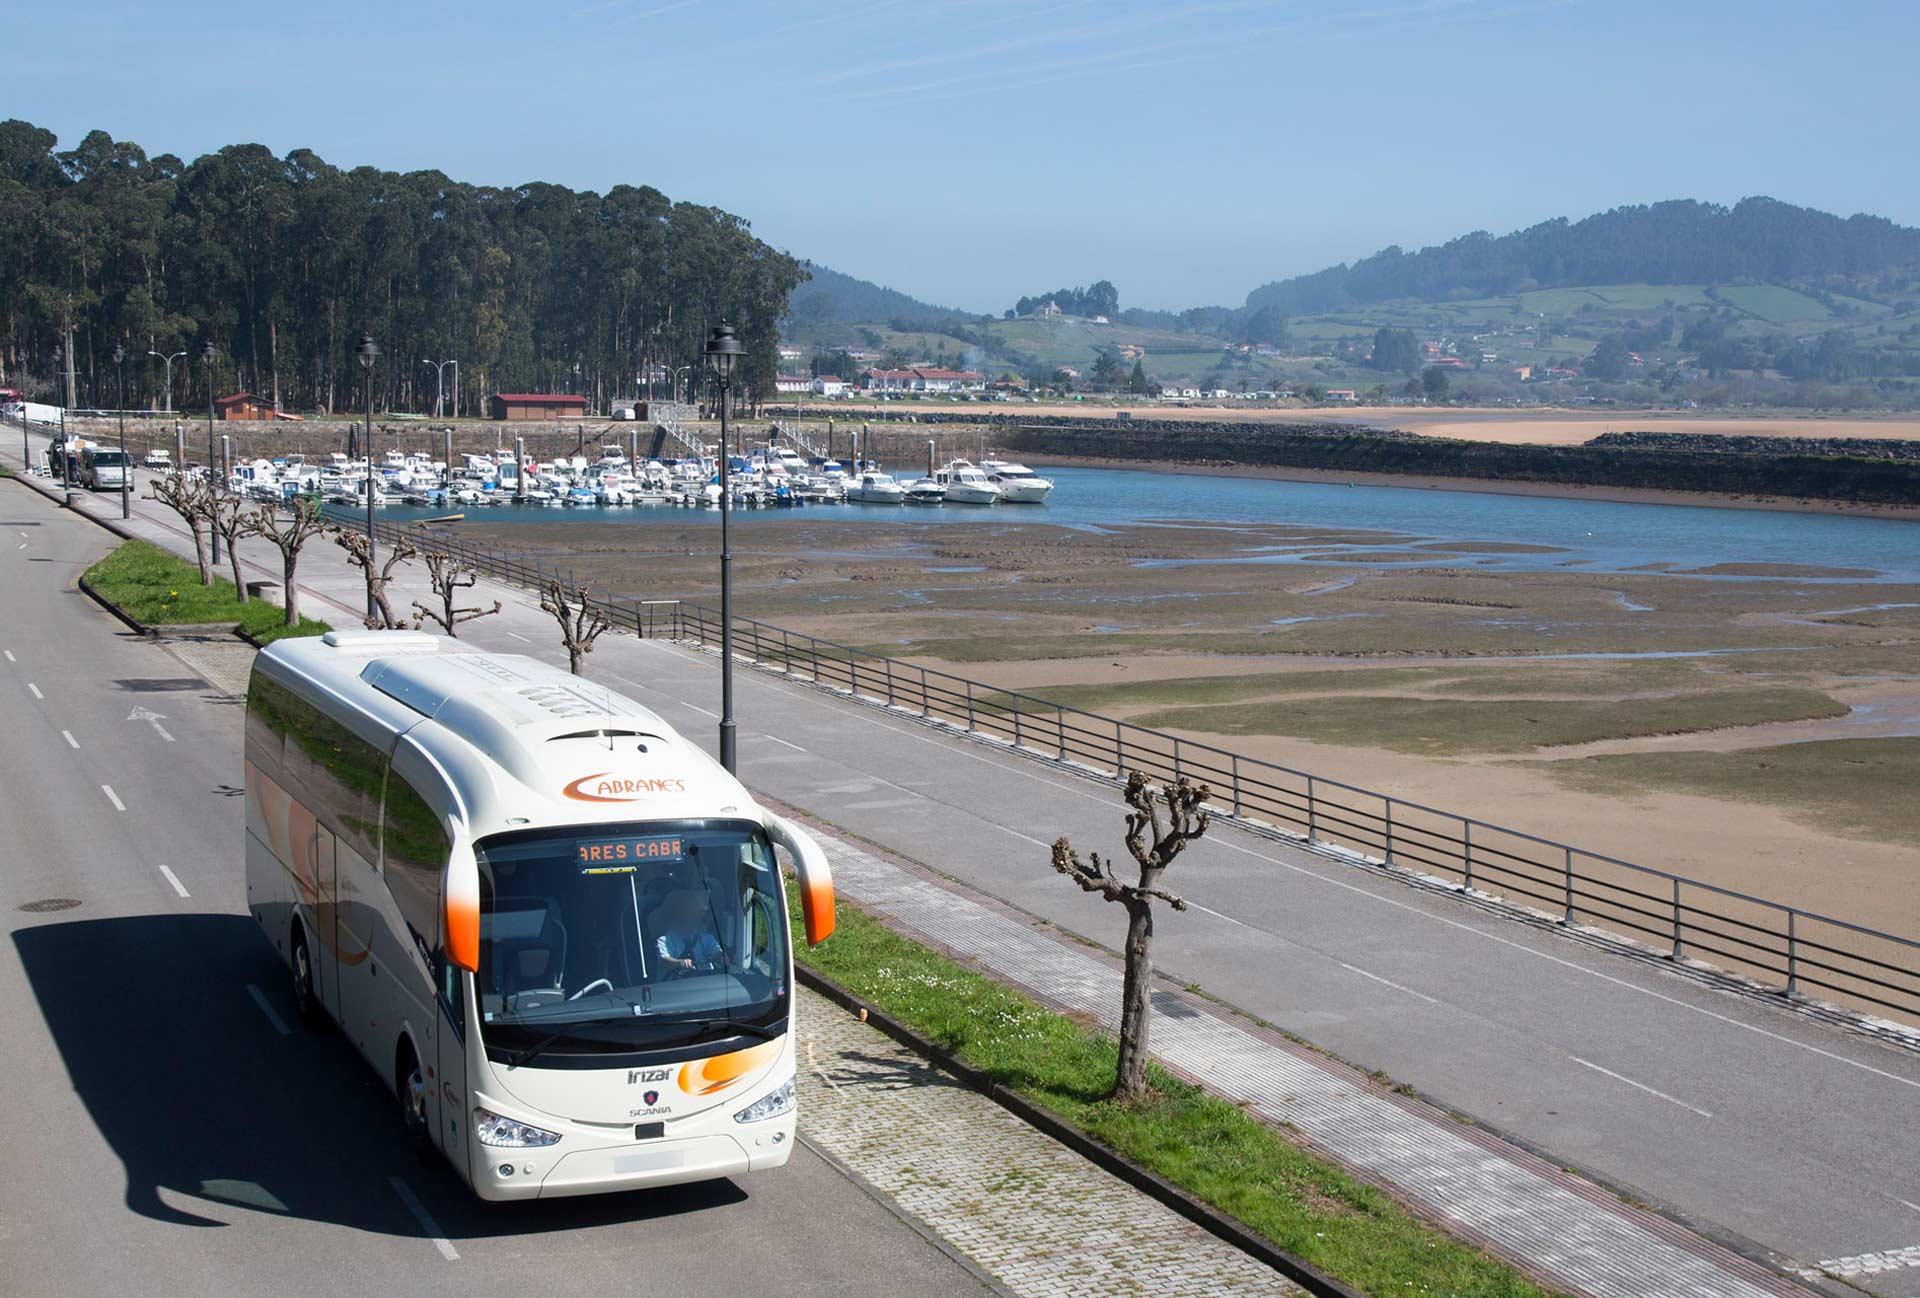 Autobuses para servicios turísticos